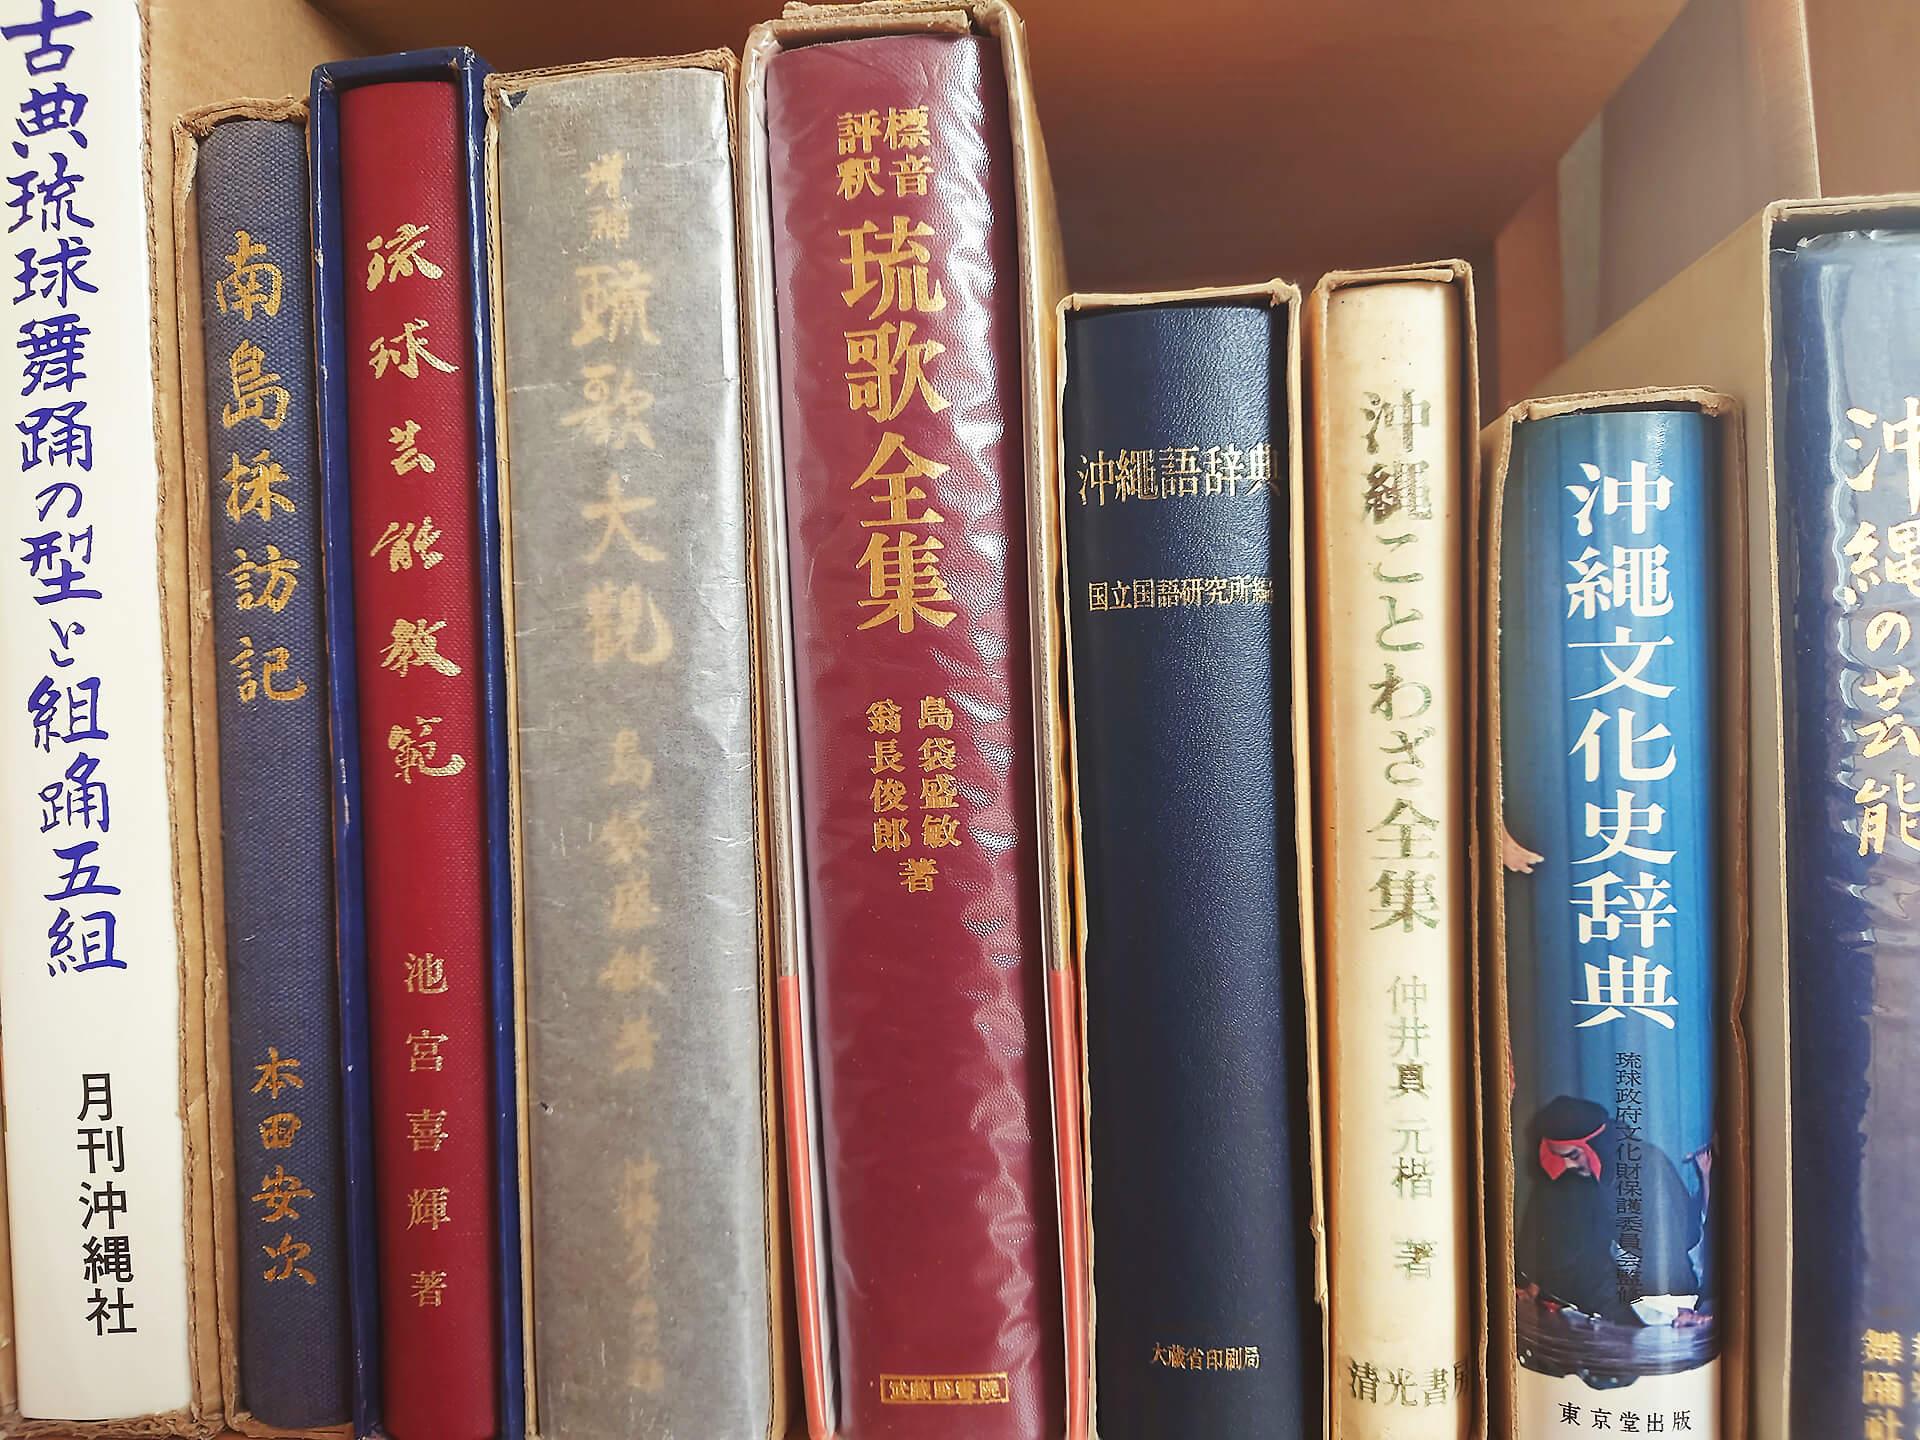 参考文献(沖縄の本)のイメージ画像